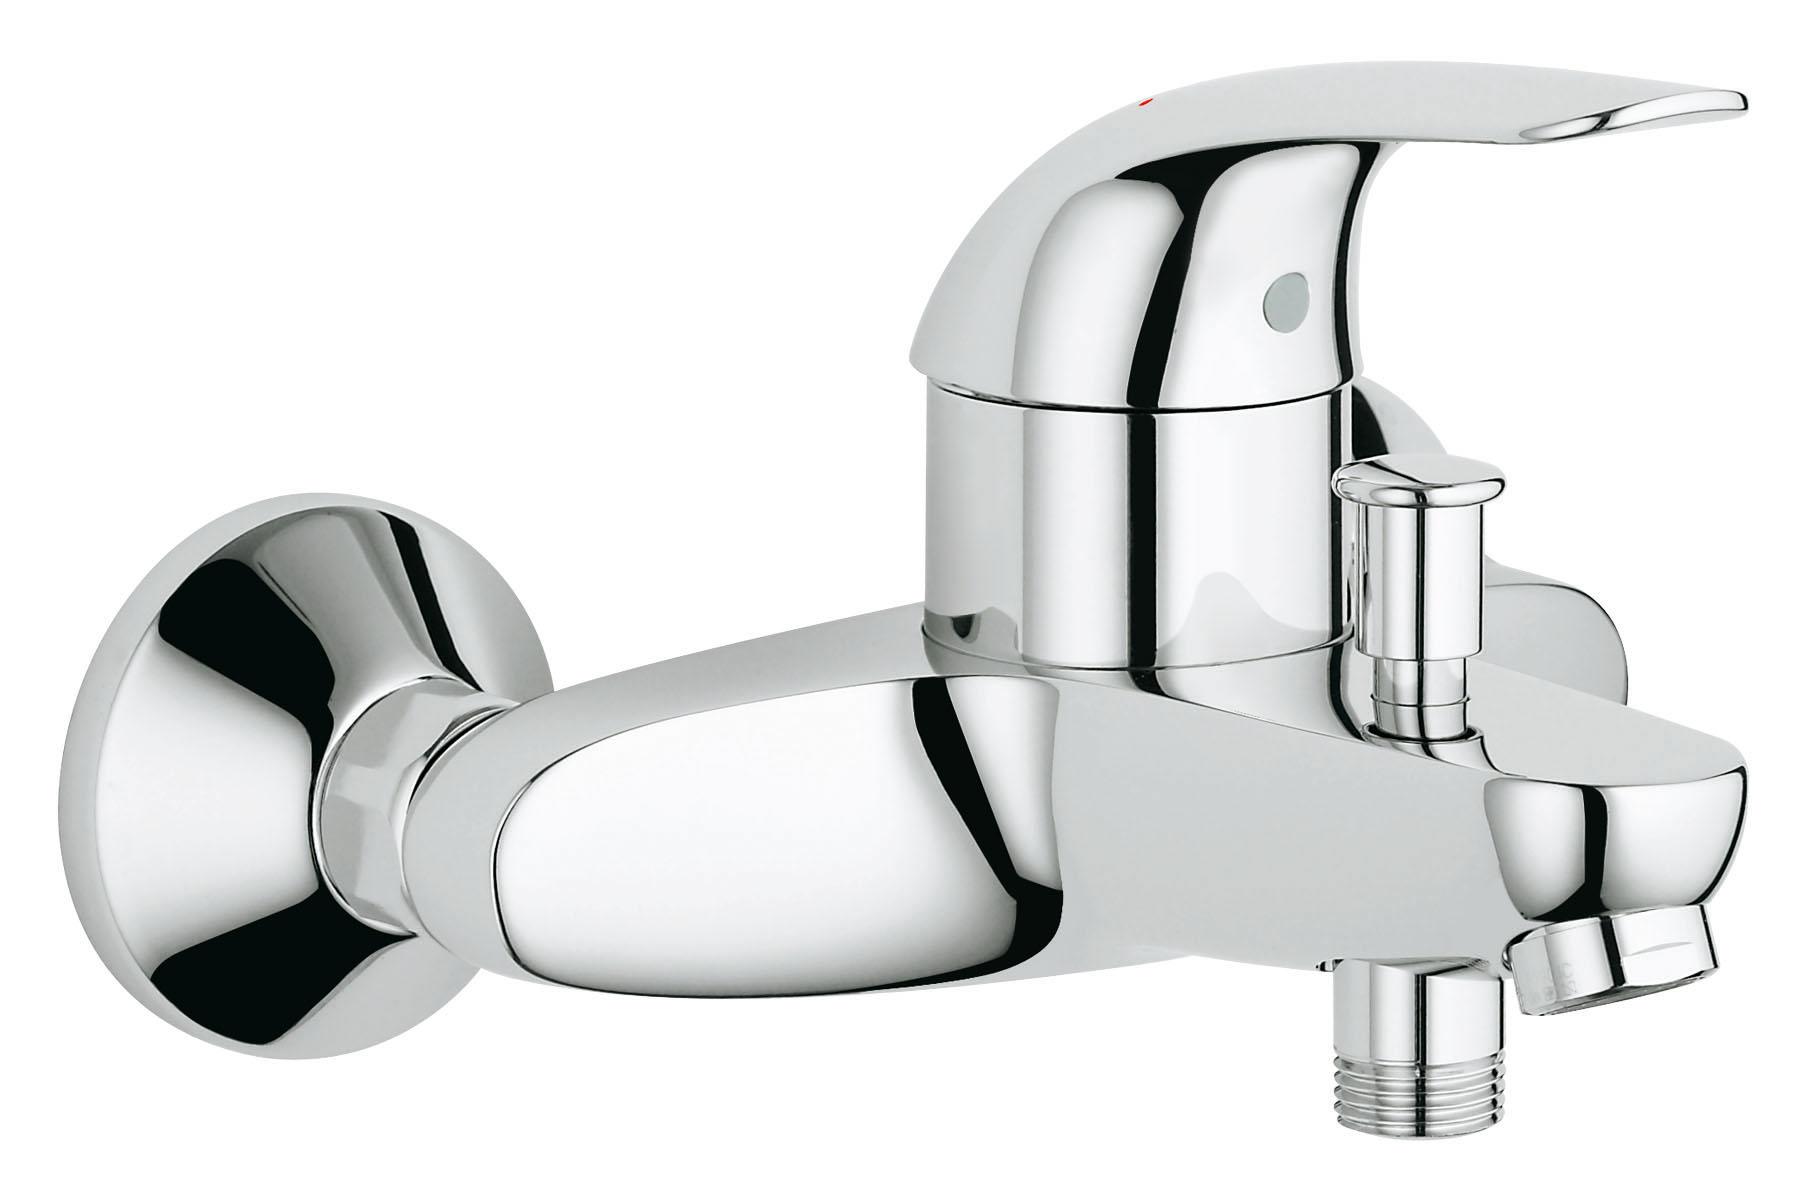 Смеситель для ванны Grohe Euroeco 32743000 набор grohe смеситель euroeco 32734000 смеситель euroeco 32743000 душевой гарнитур new tempesta i 27853000